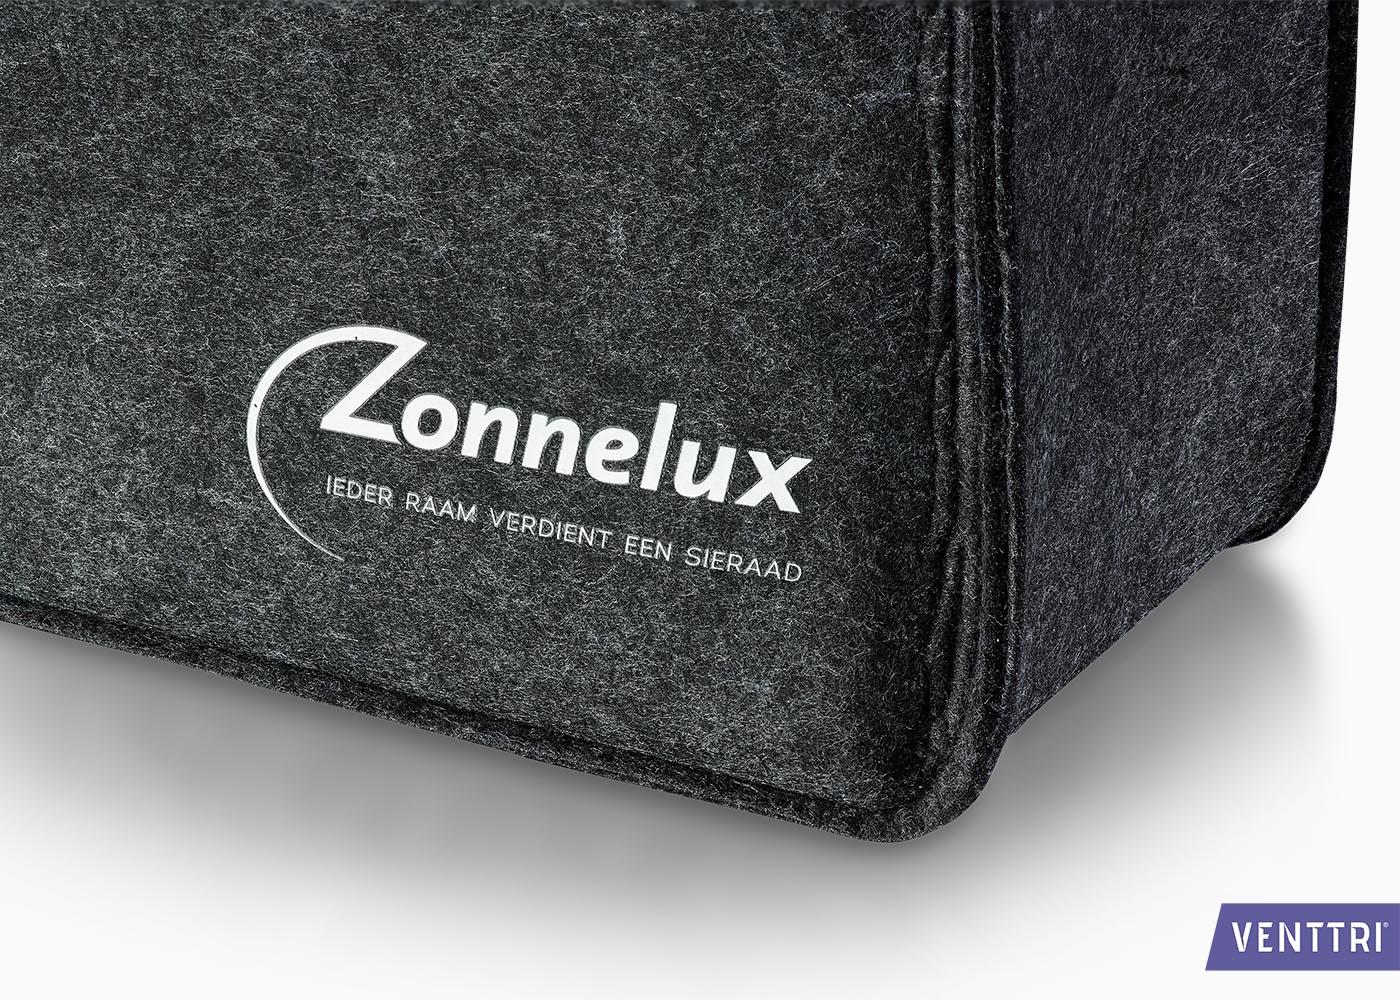 Stalenboek met tas Zonnelux